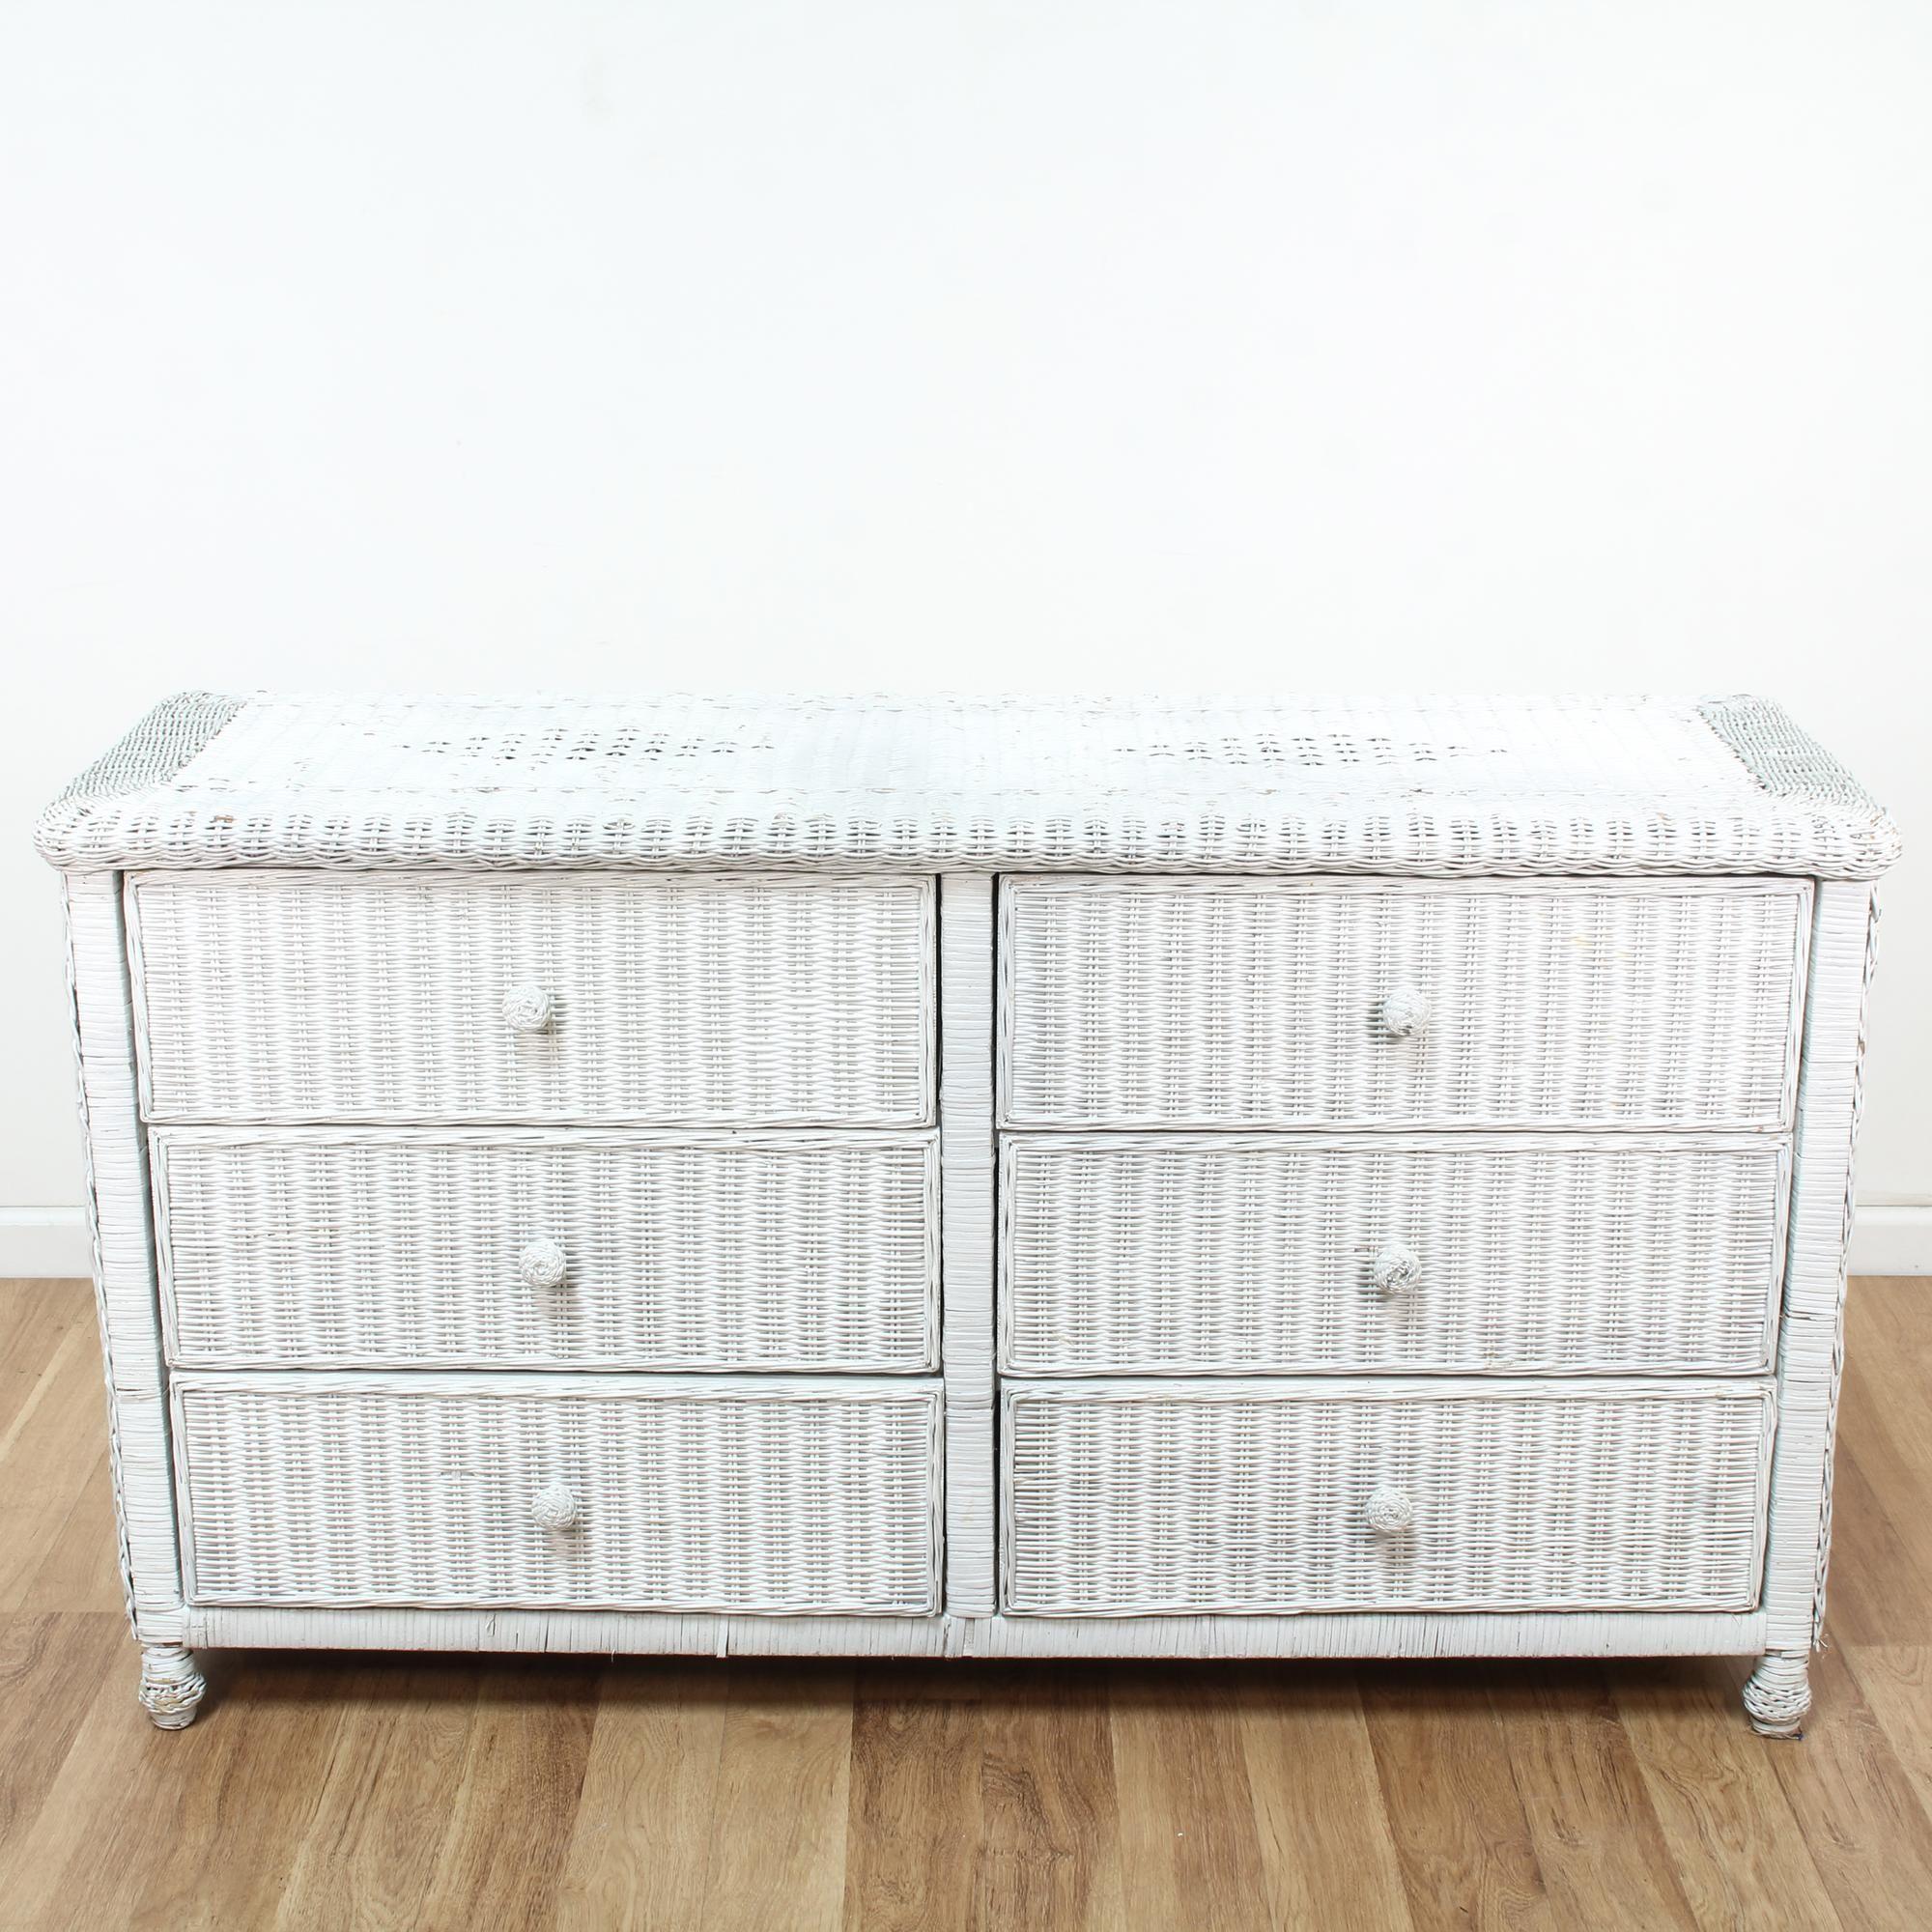 Best Long Woven White Wicker 6 Drawer Dresser Shabby Chic 640 x 480